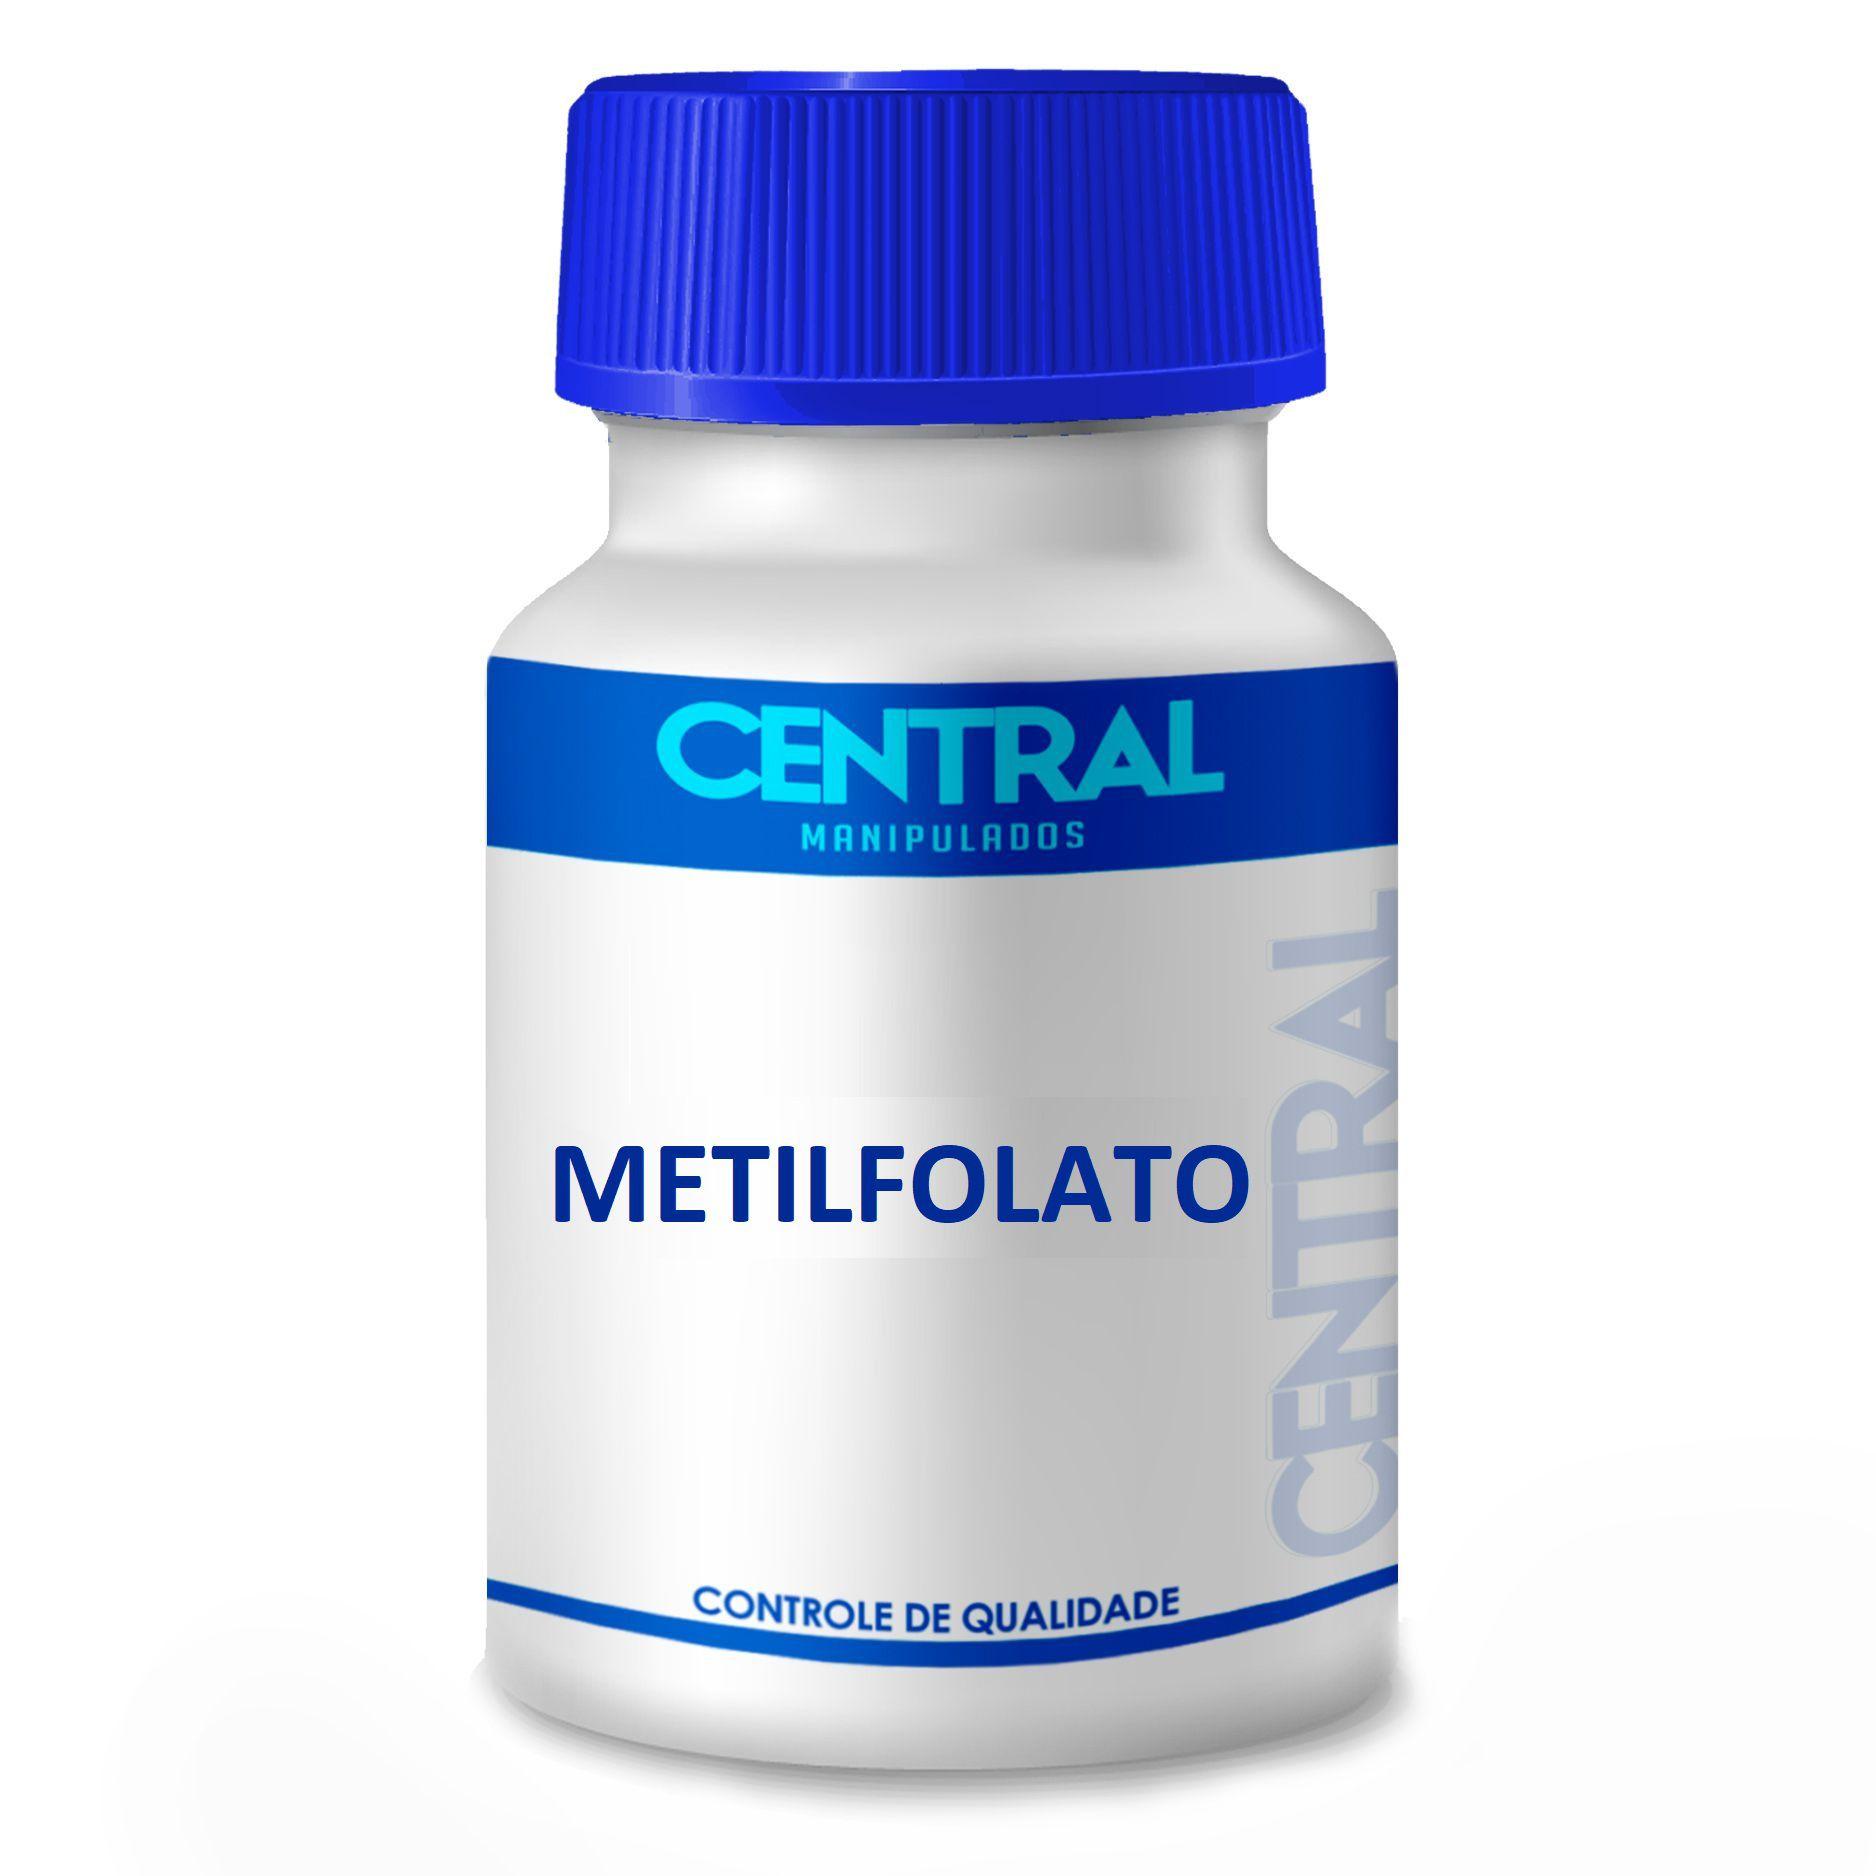 Metilfolato 800 mcg 120 cápsulas - Forma Ativa do Ácido Fólico